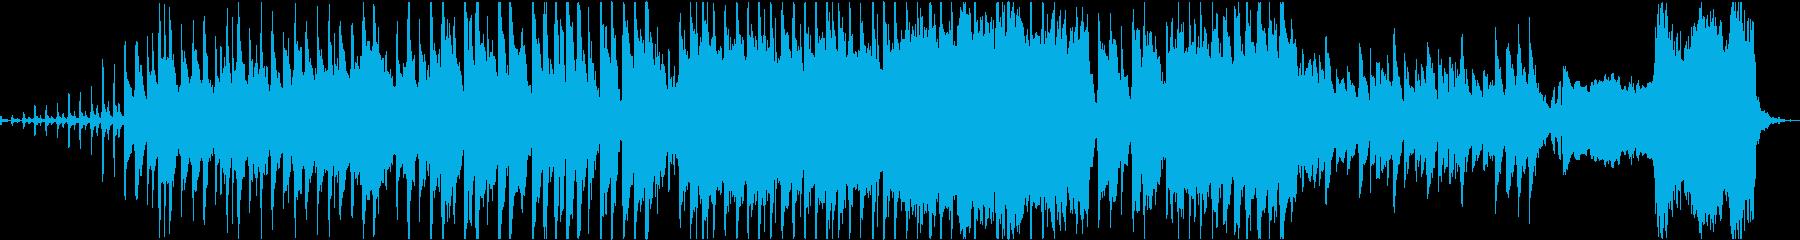 クリスマス 童謡 クラシック オルゴールの再生済みの波形